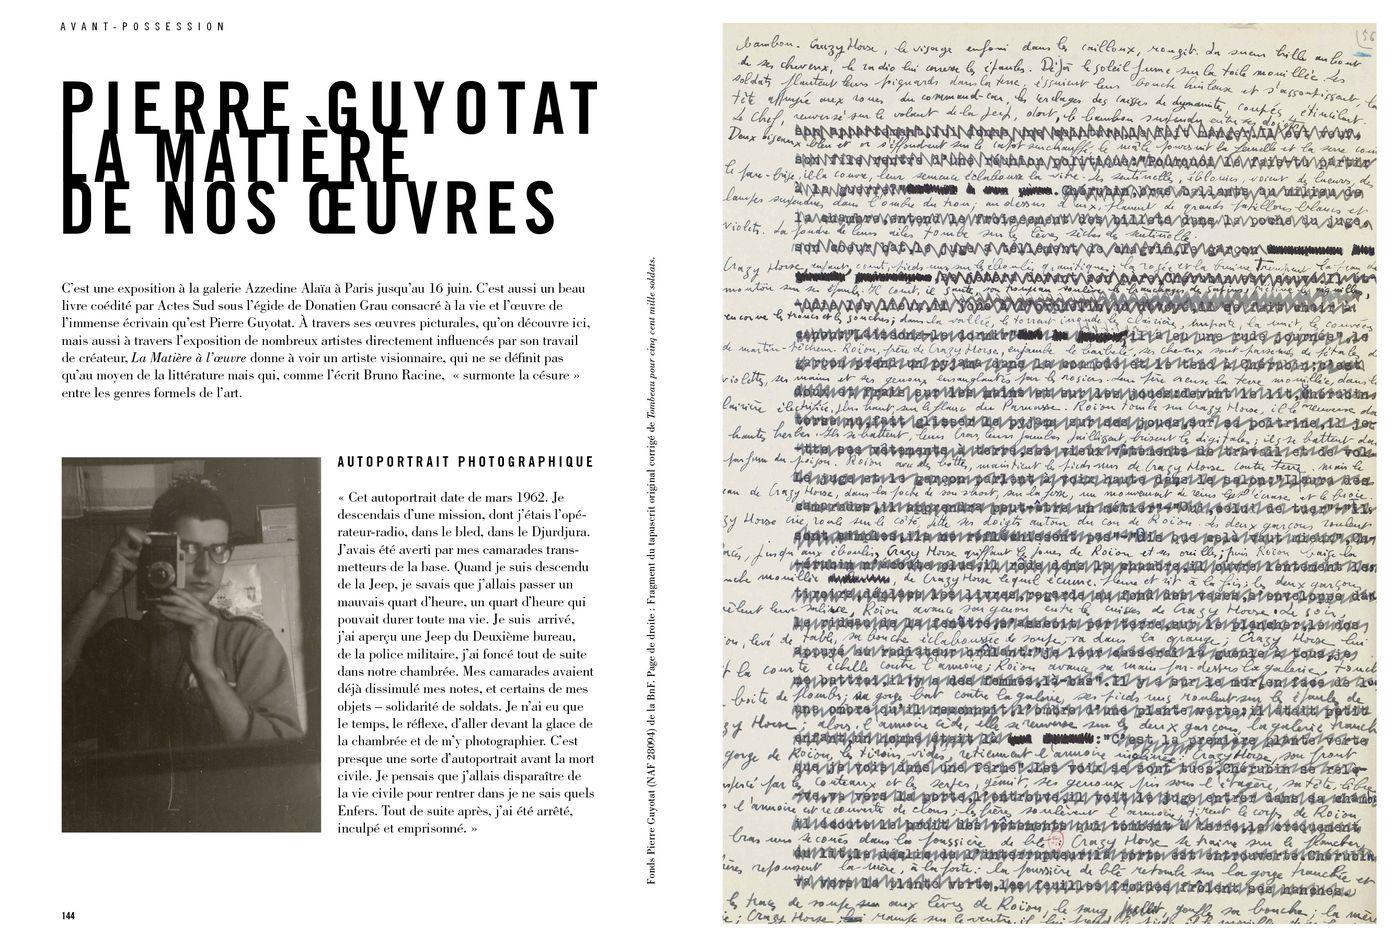 Possession Immédiate Volume 5 - Livre sur Pierre Guyotat, La Matière de nos œuvres